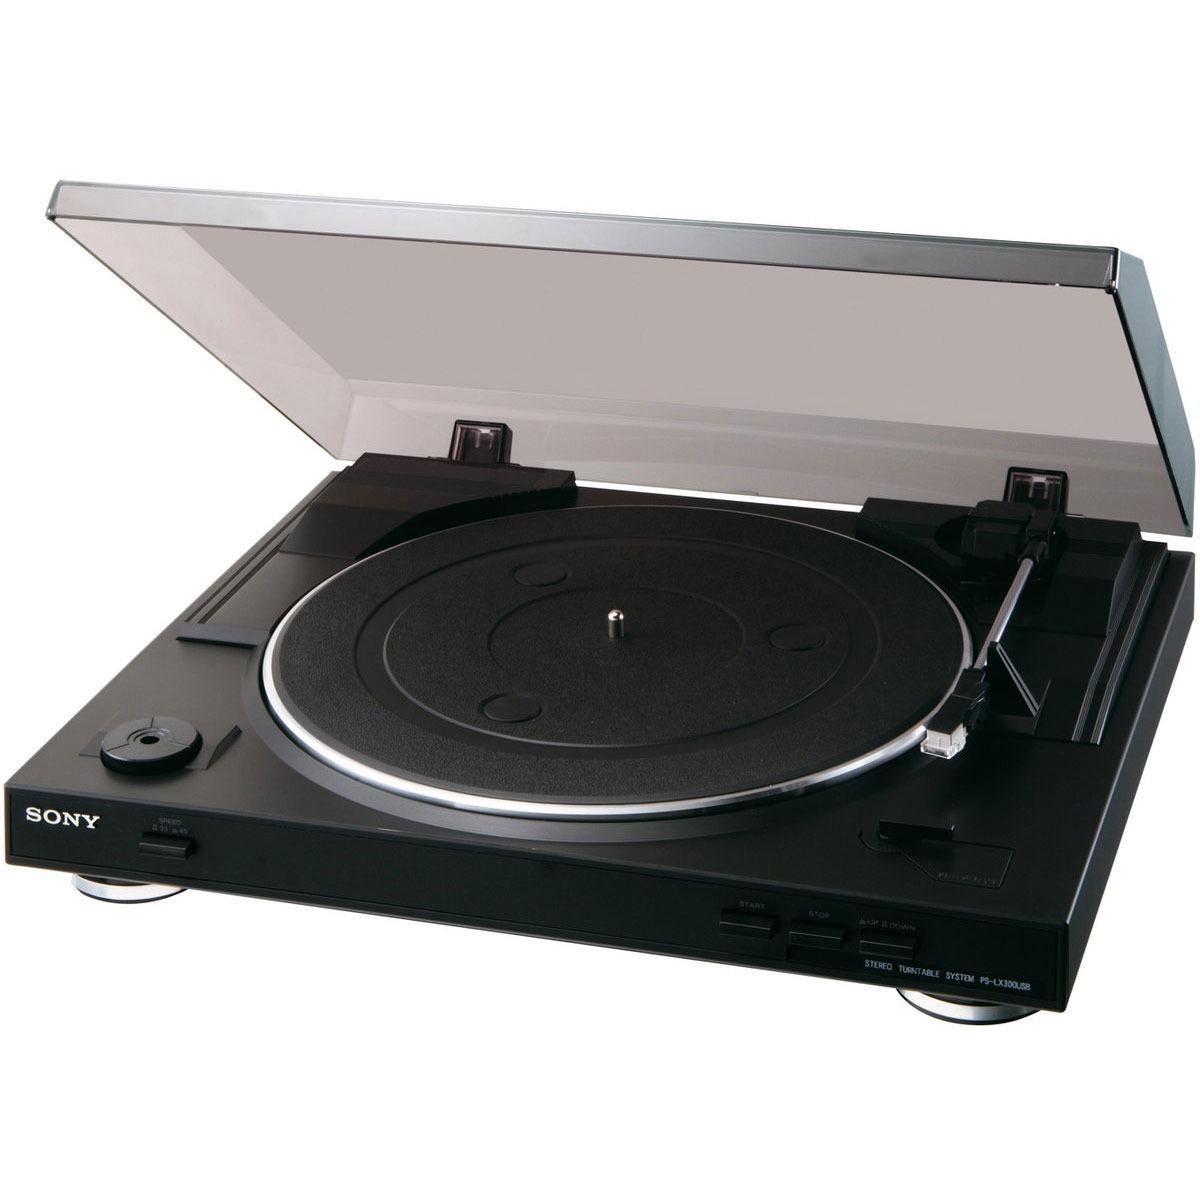 sony ps lx300usb pslx300usb achat vente platine vinyle sur. Black Bedroom Furniture Sets. Home Design Ideas